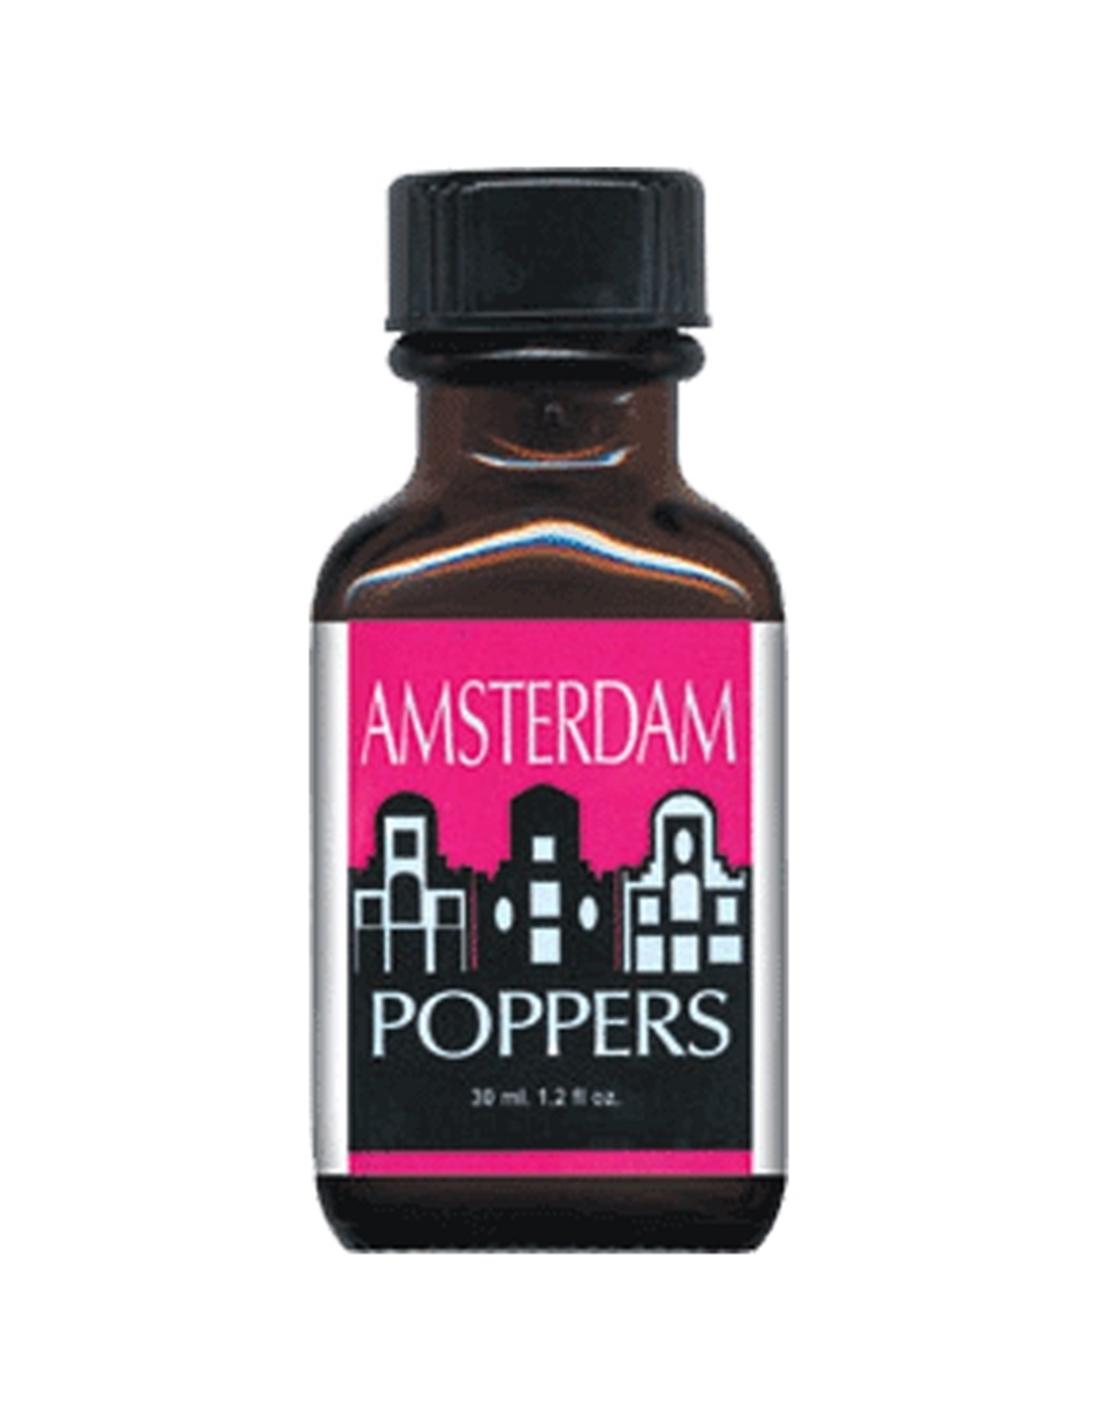 Amsterdam Poppers 24ml - PR2010319157